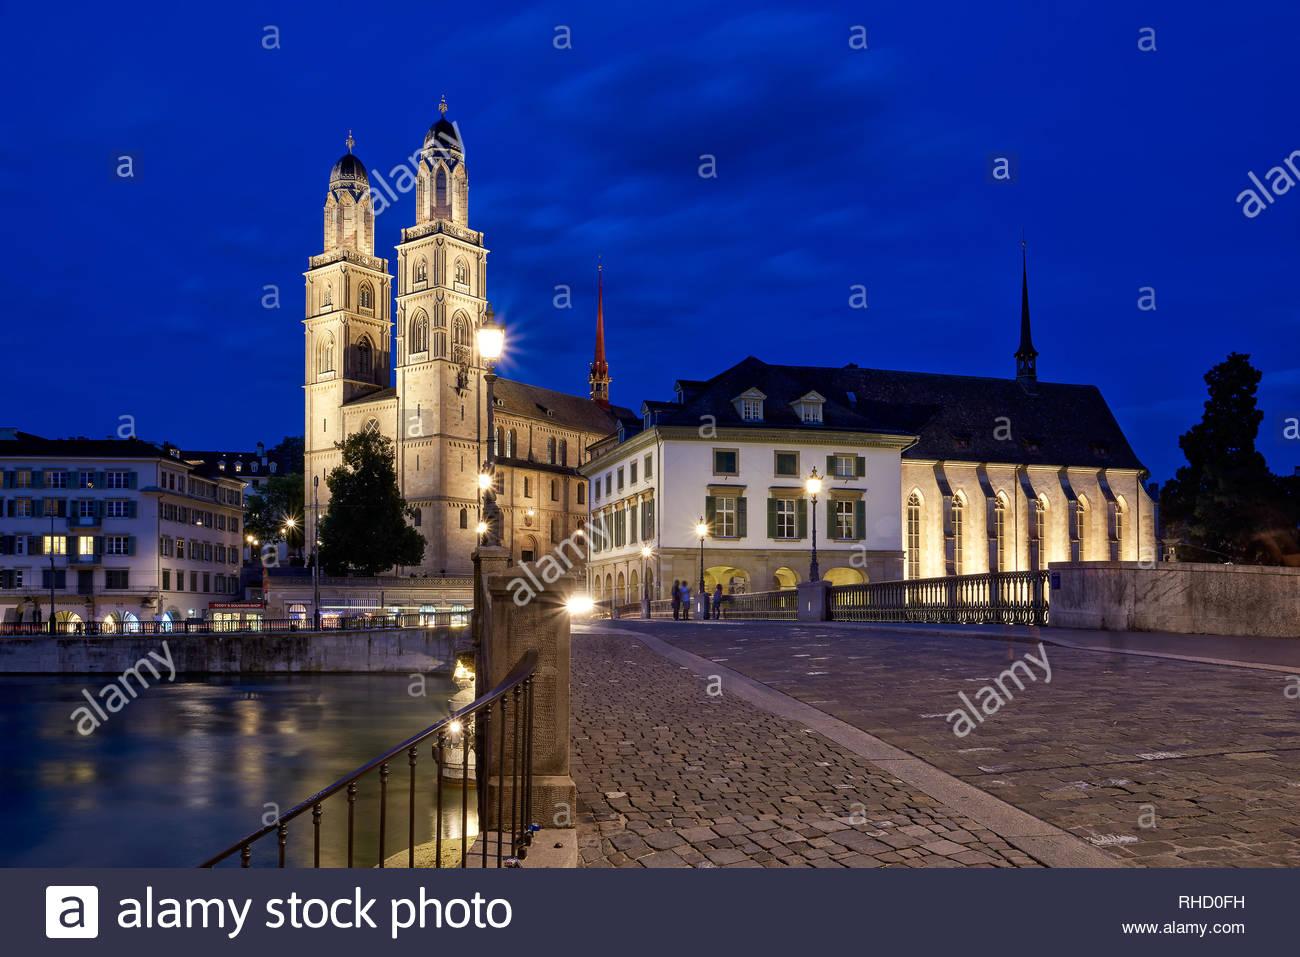 Zürich zur blauen Stunde mit Blick über die Münsterbrücke Richtung Grossmünster und Helmhaus - Stock Image